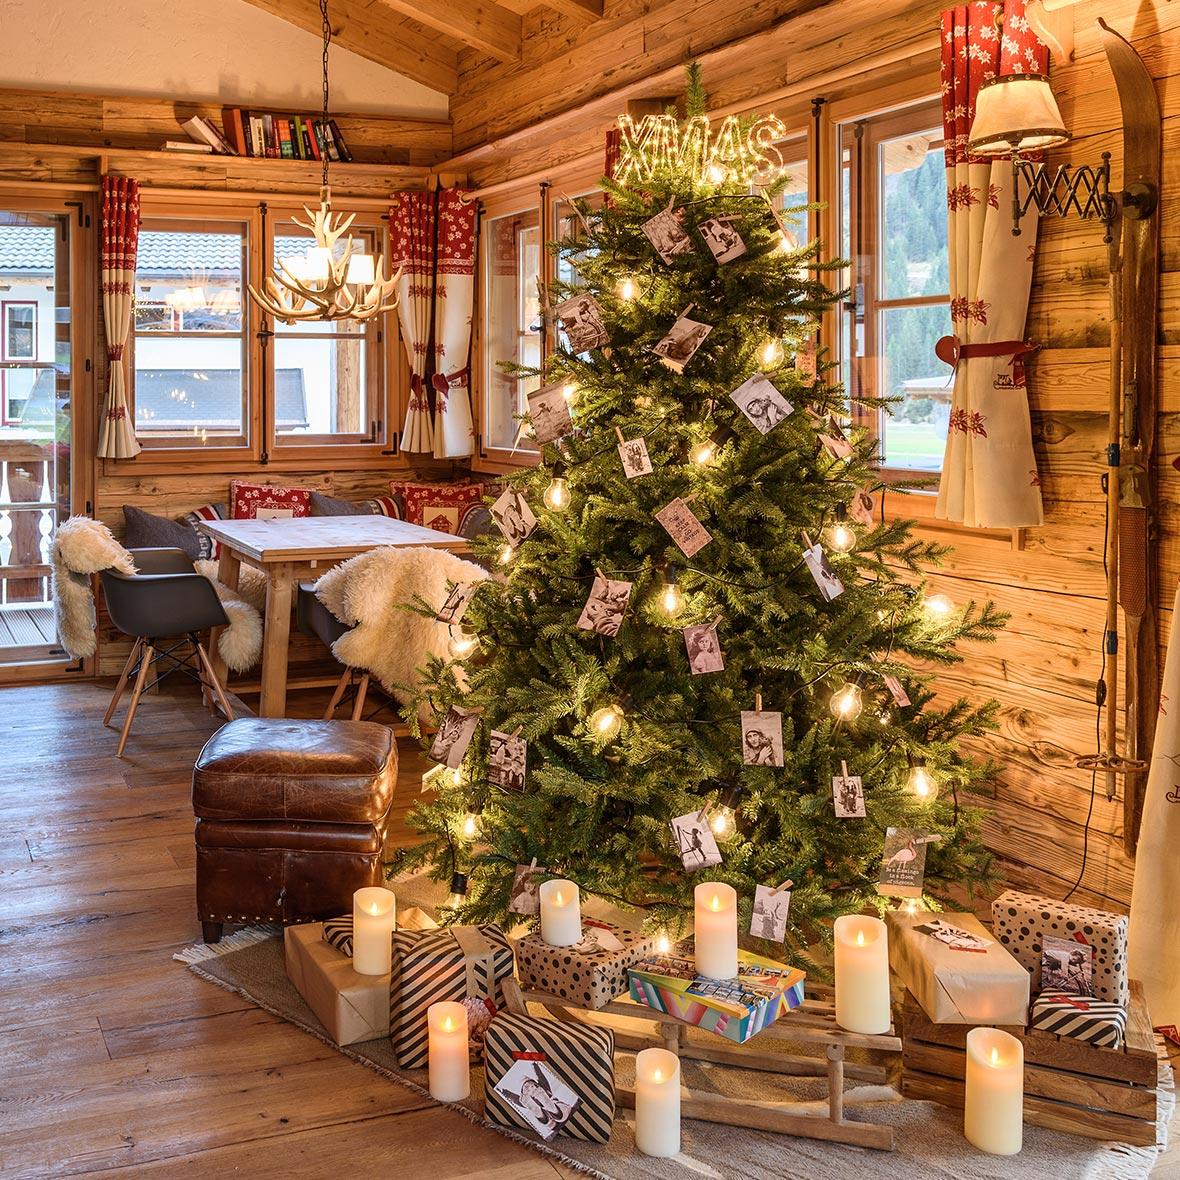 Weihnachtsdeko Neuheiten 2019.Traditioneller Weihnachtsbaumschmuck 2019 Luminal Park